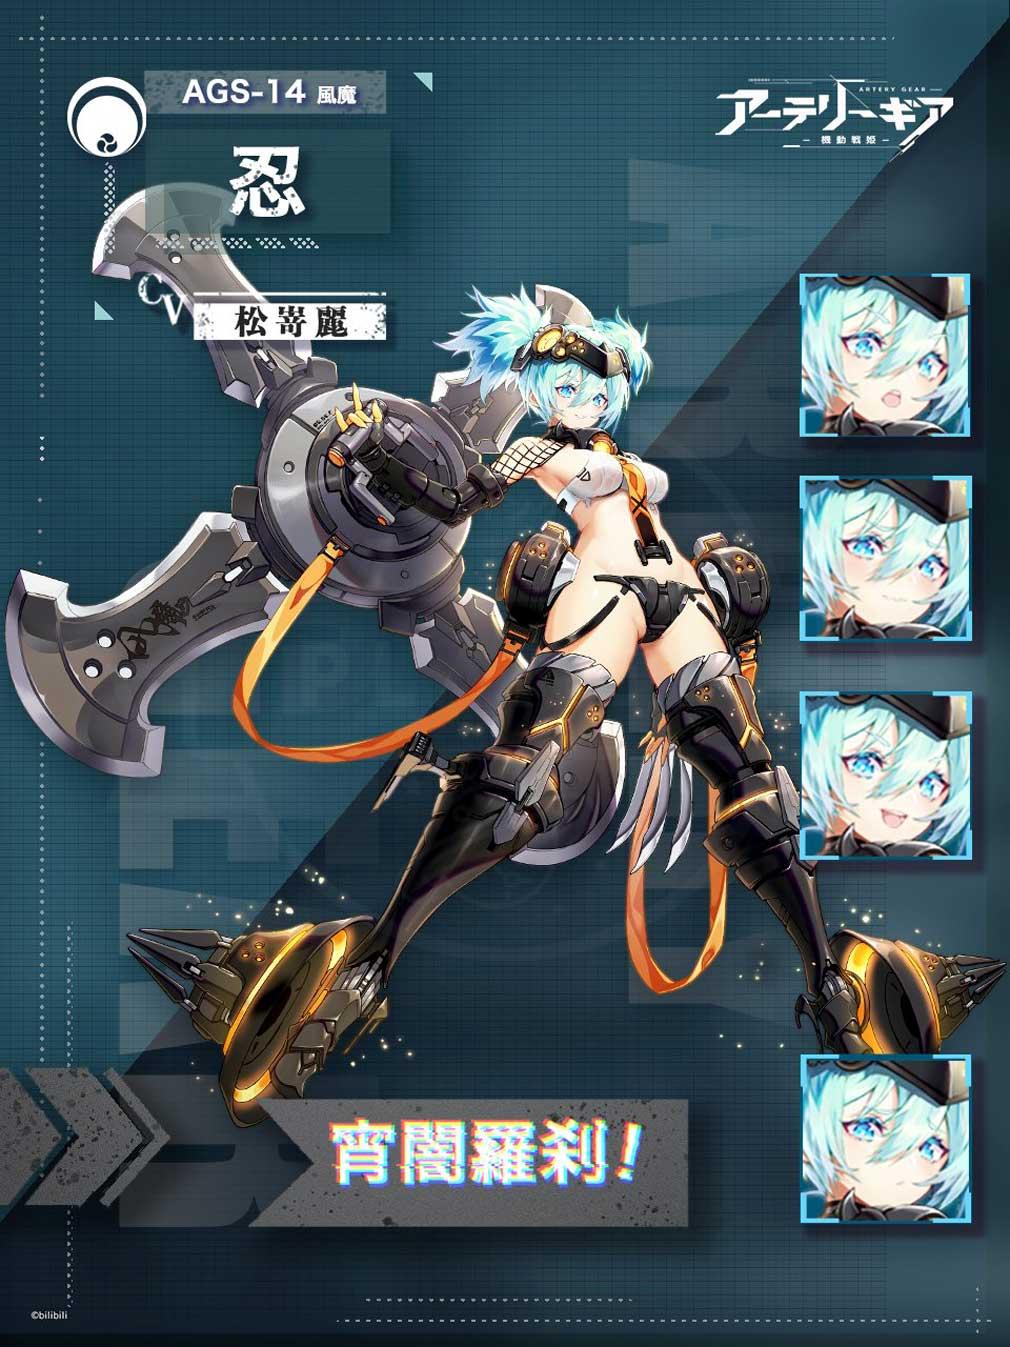 アーテリーギア 機動戦姫(アテギア) キャラクター『忍』紹介イメージ